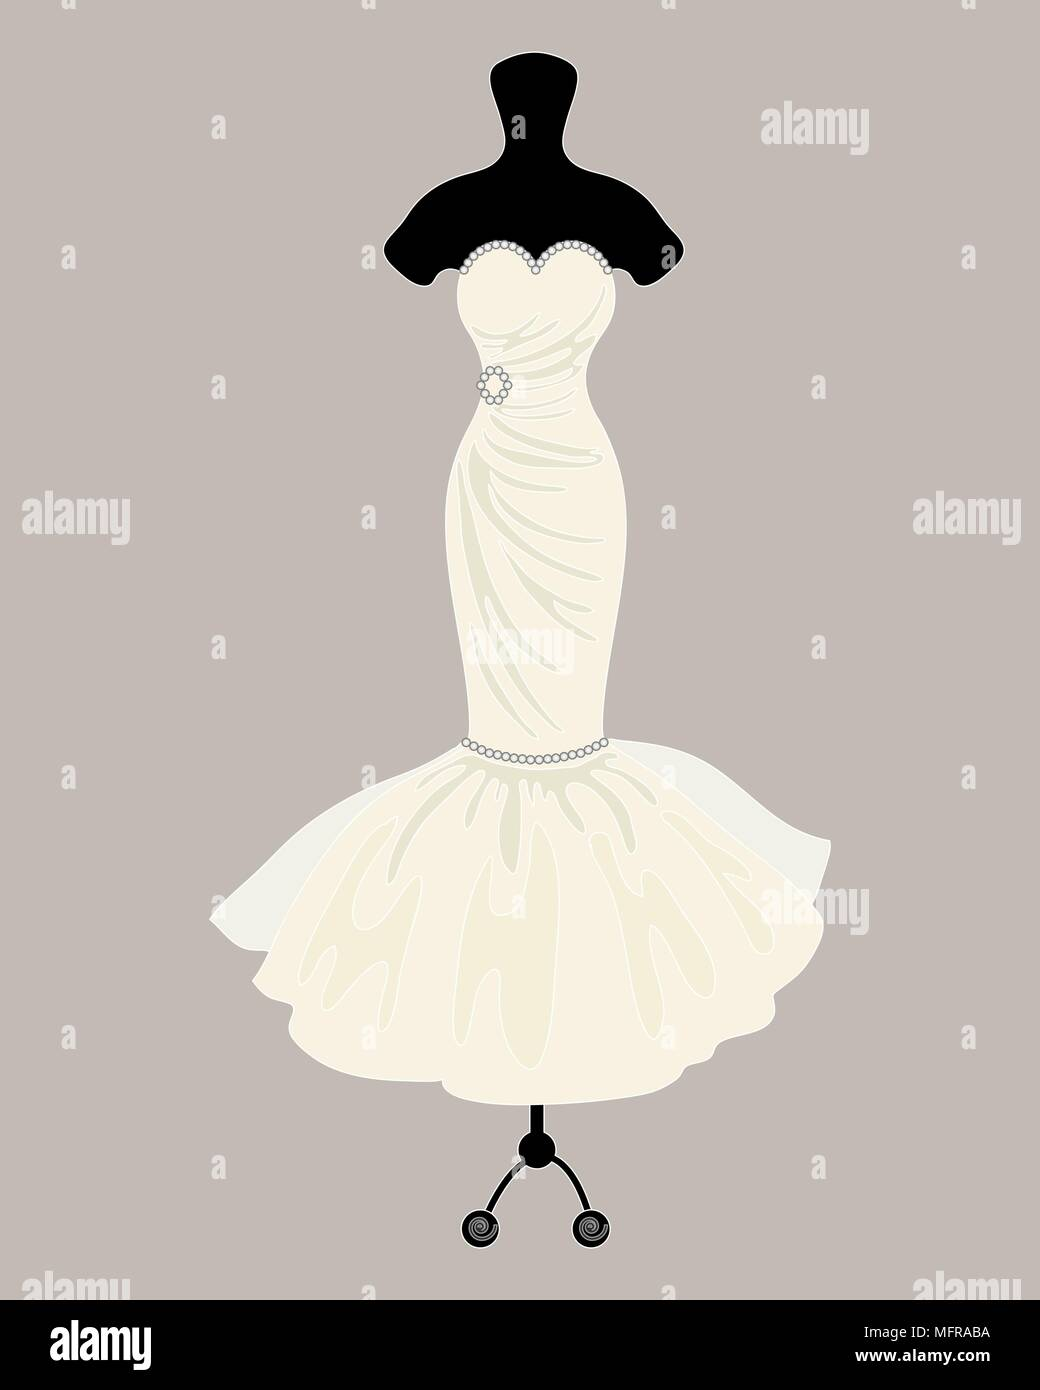 Una illustrazione di un designer di Bellissimo abito da sposa in stile Mermaid su un negozio manakin con sfondo grigio Immagini Stock